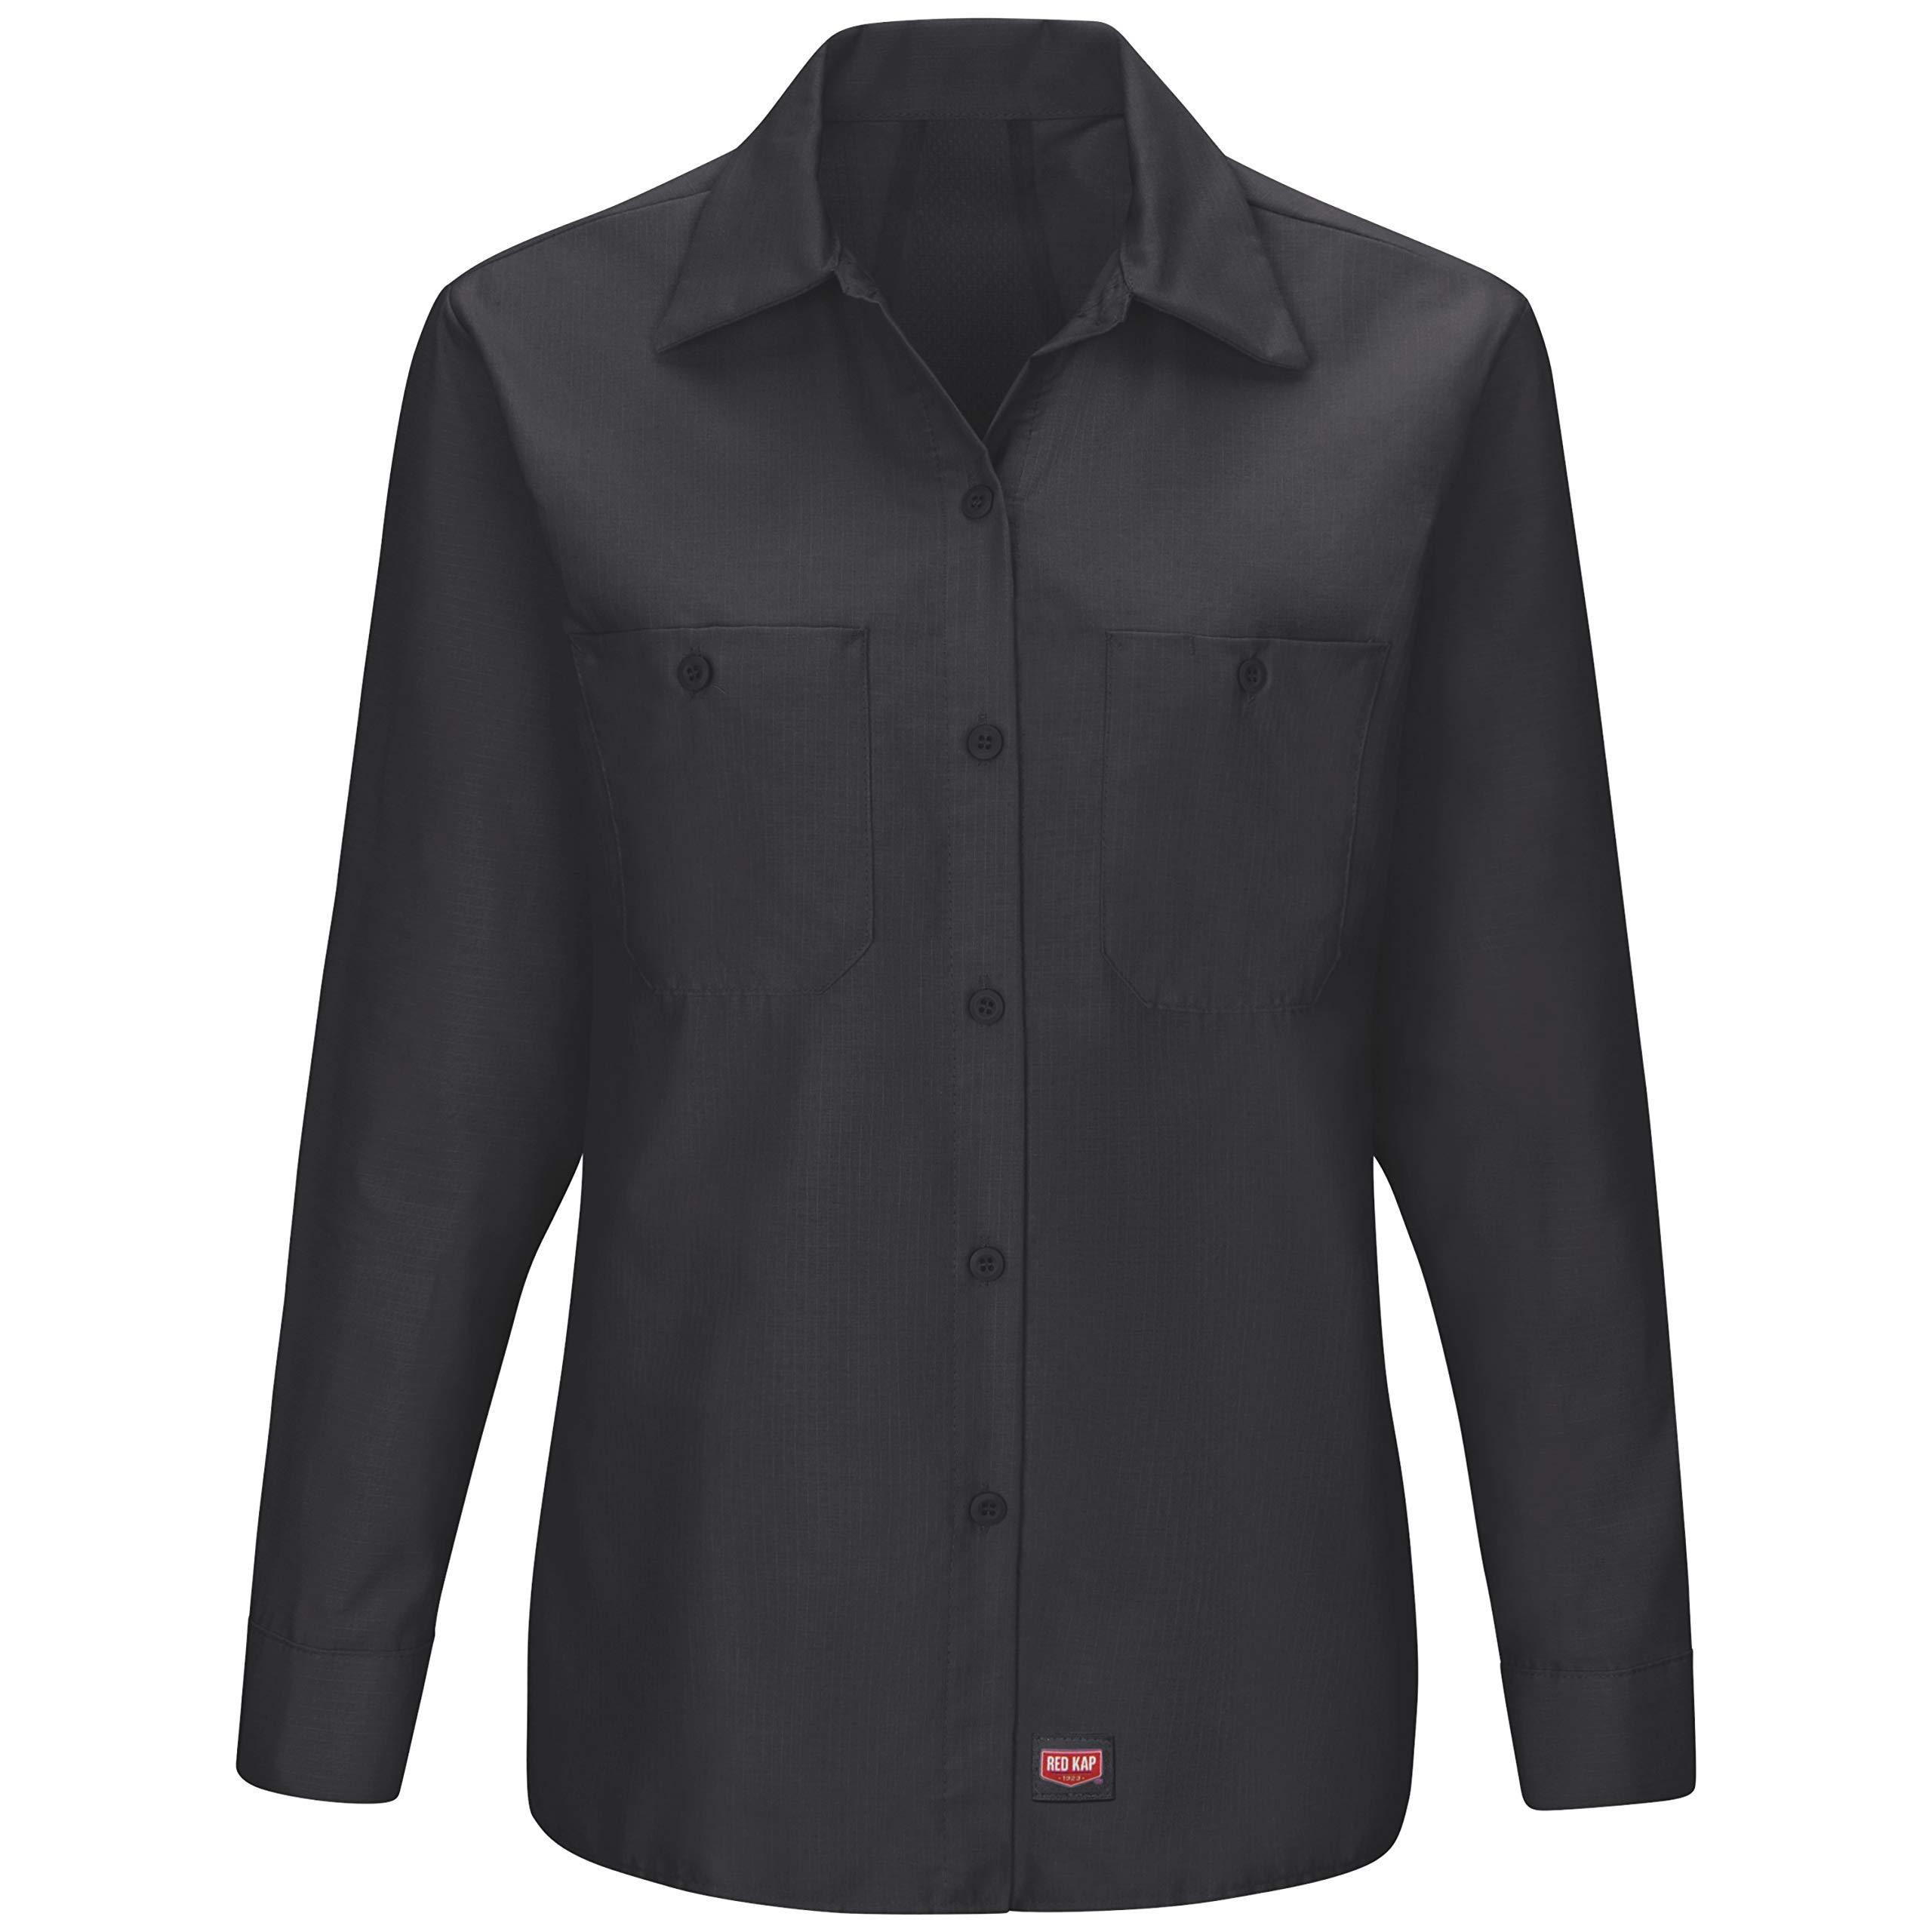 Red Kap Women's Long Sleeve Mimix Work Shirt